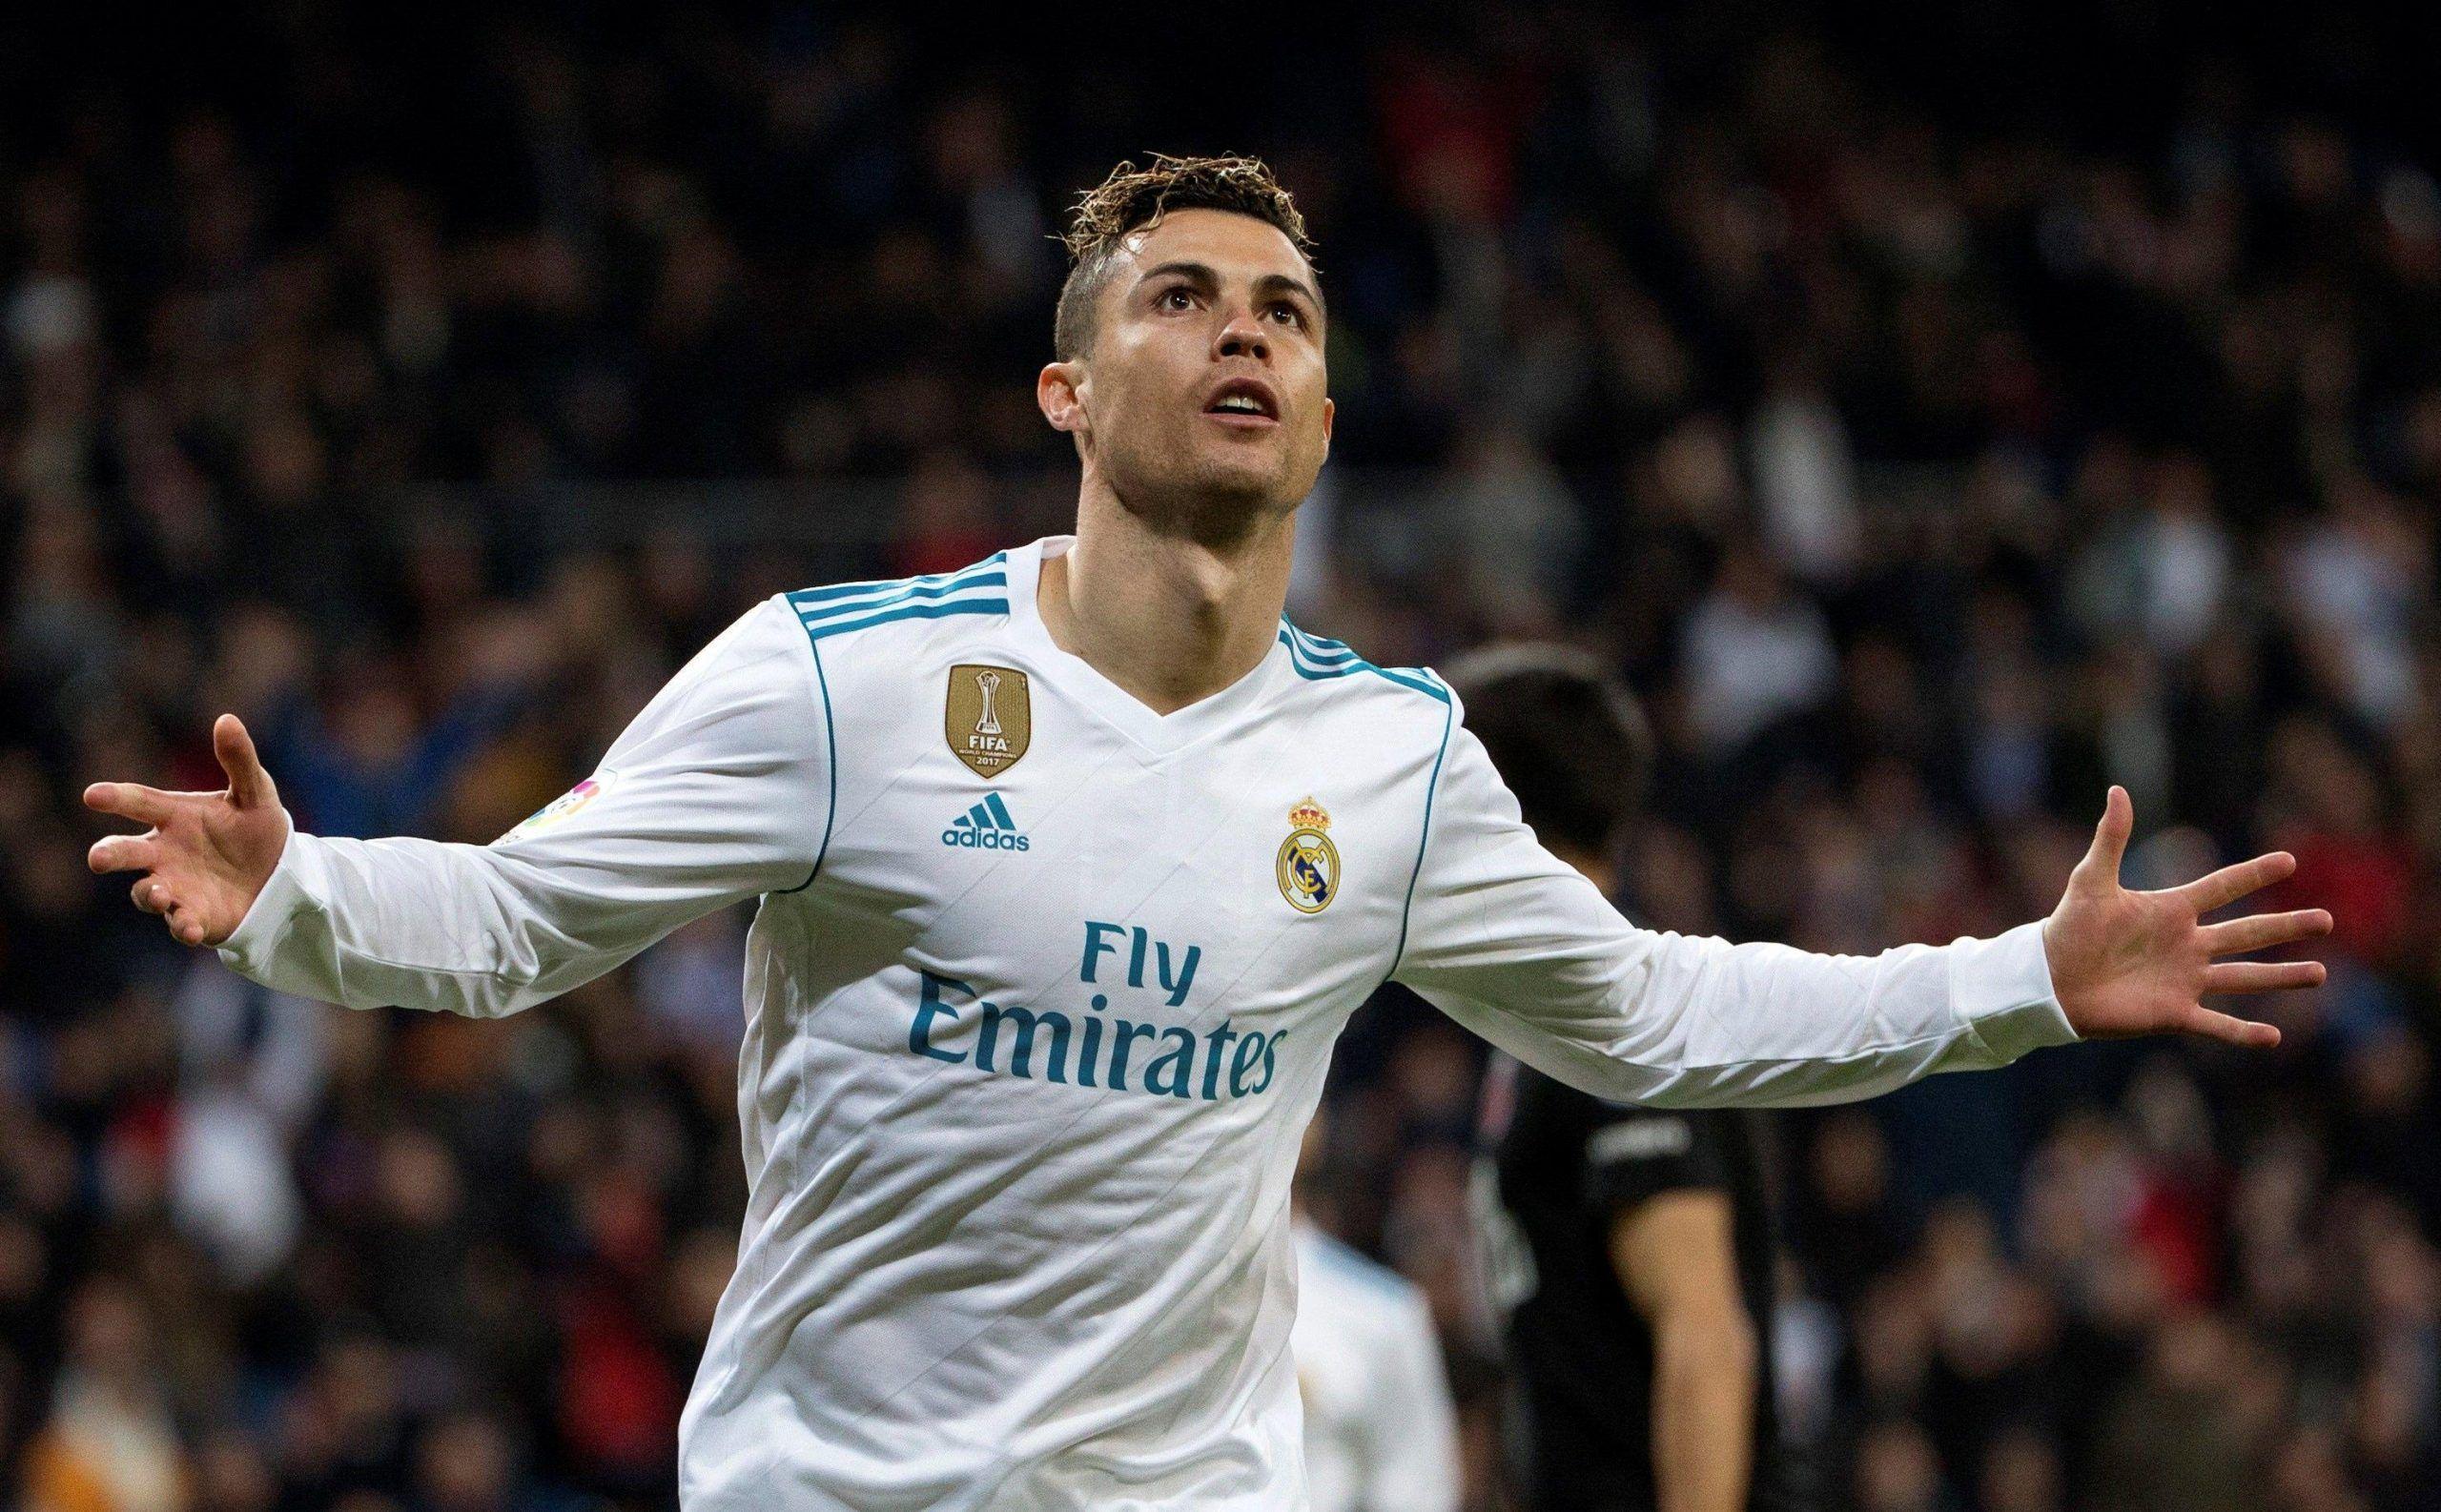 Real ufficializza, Ronaldo alla Juve / SPECIALE